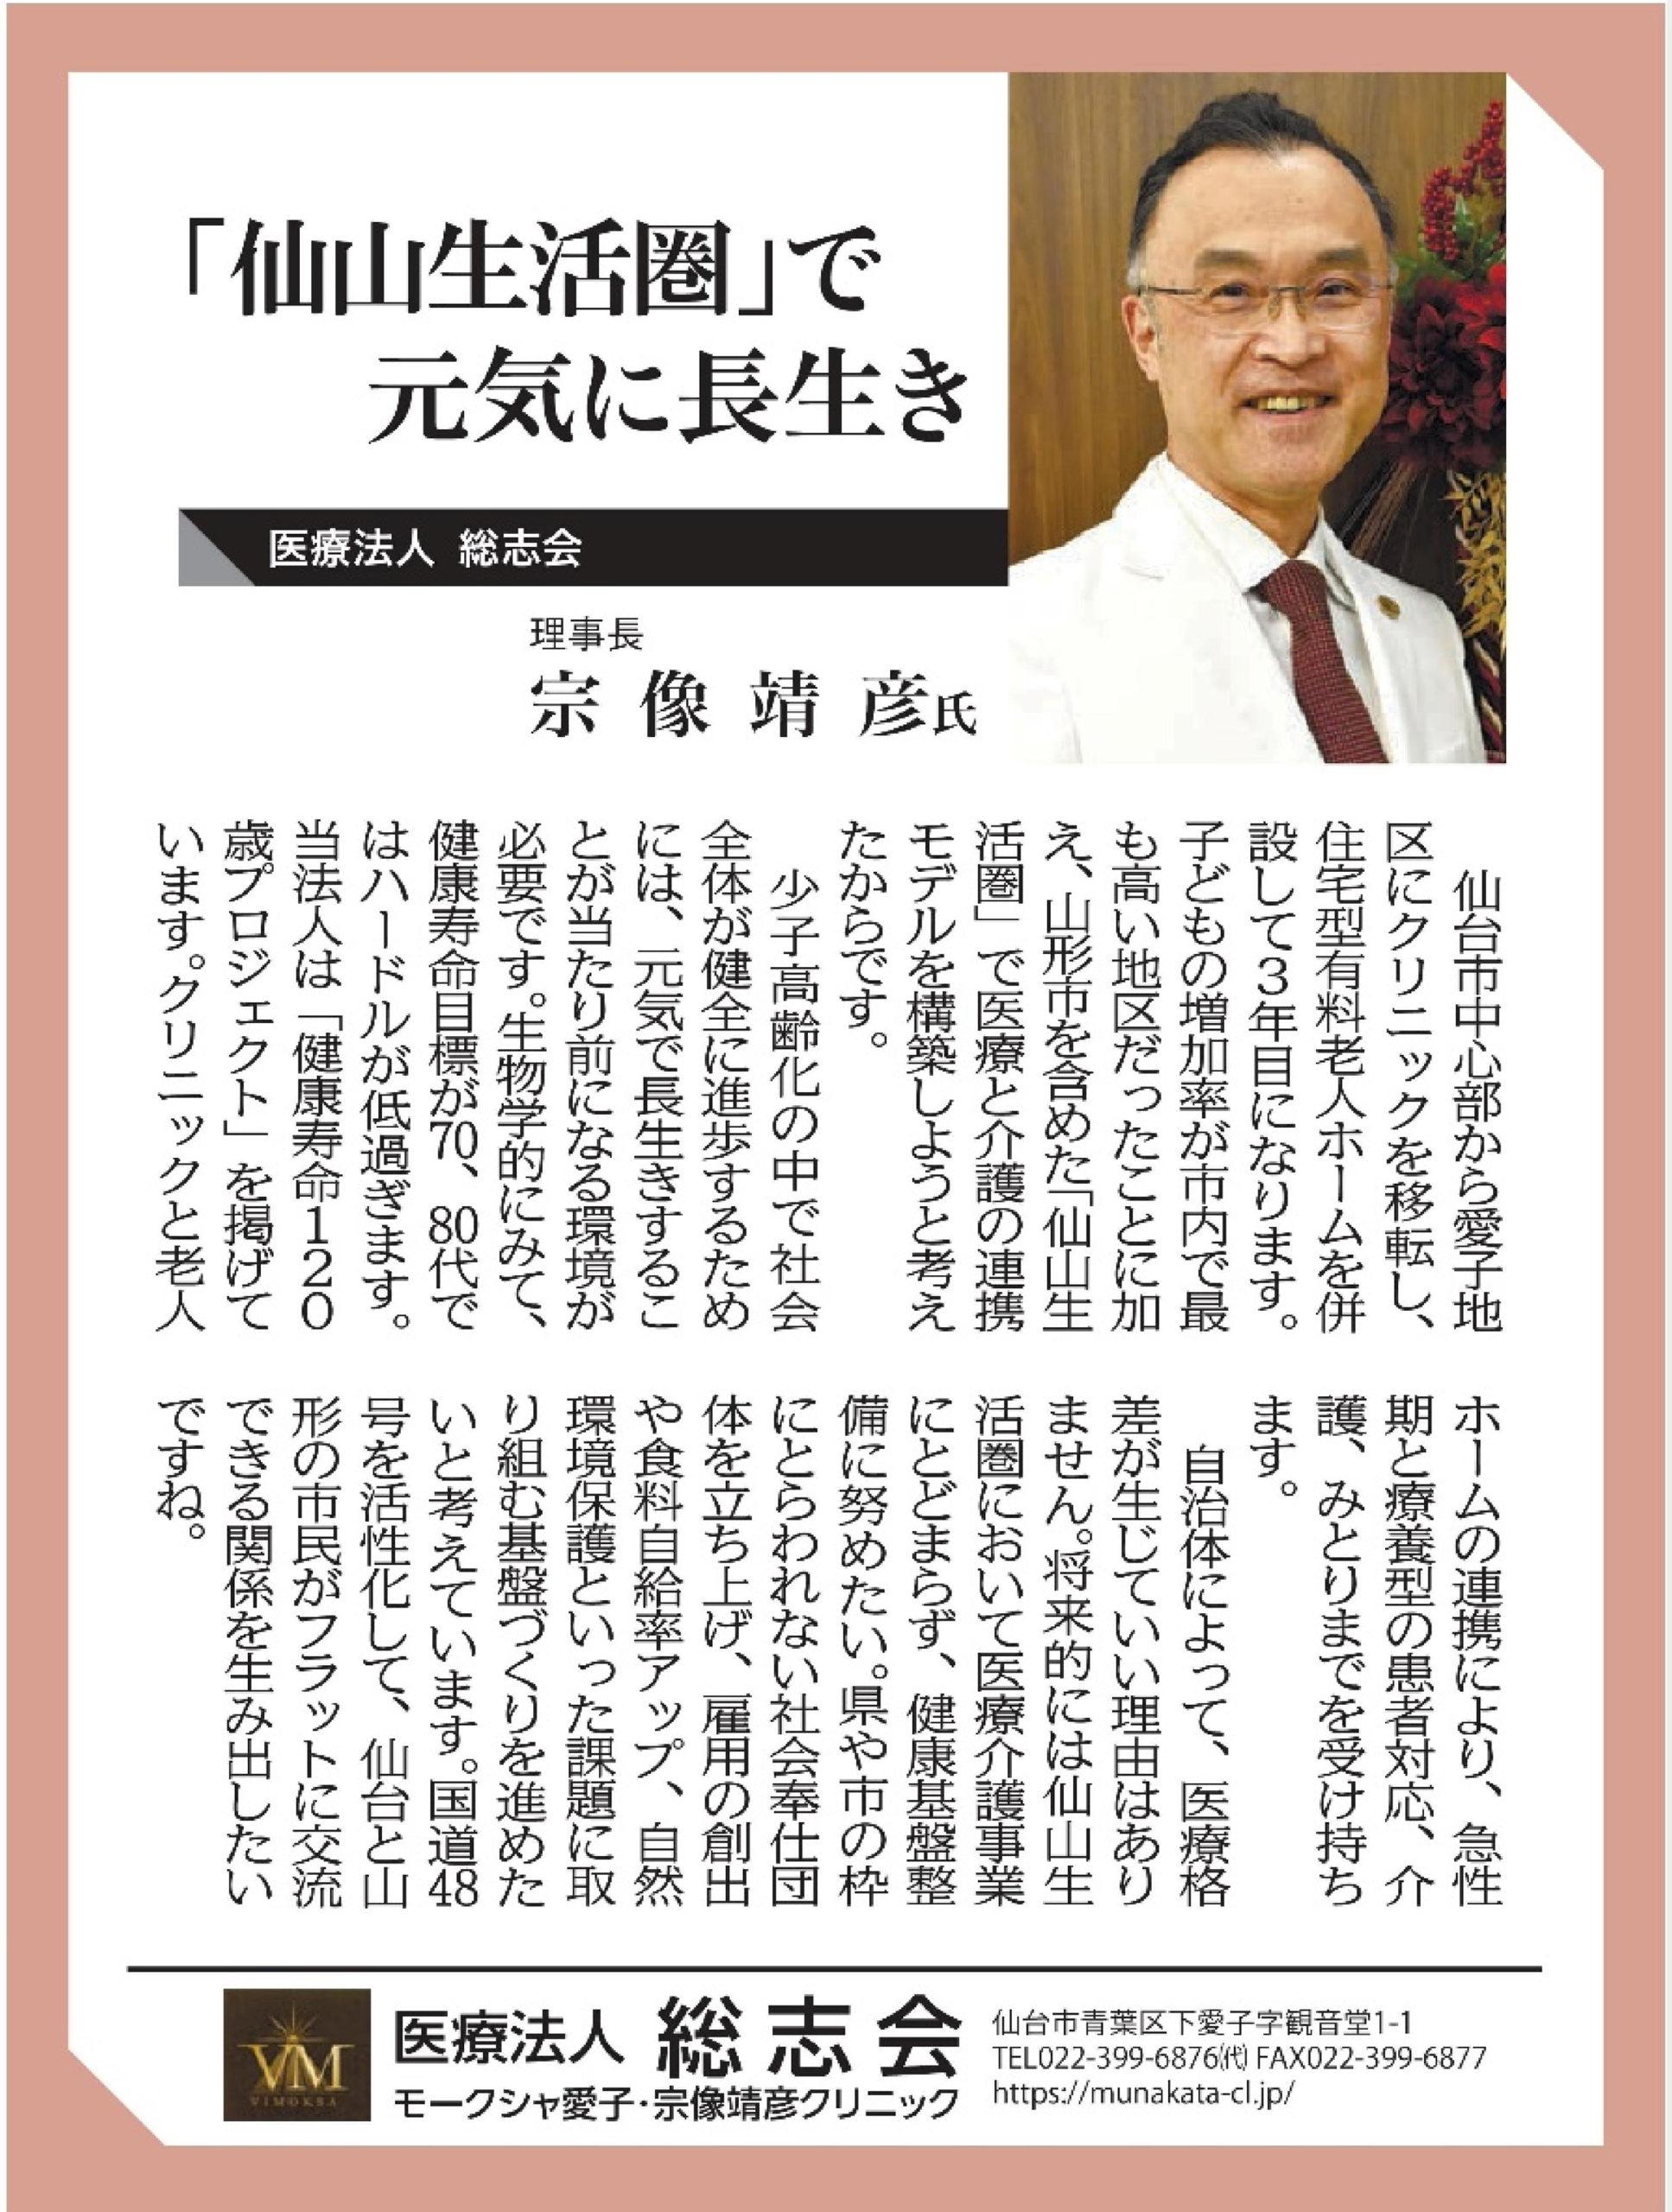 山形新聞「新春トップインタビュー」